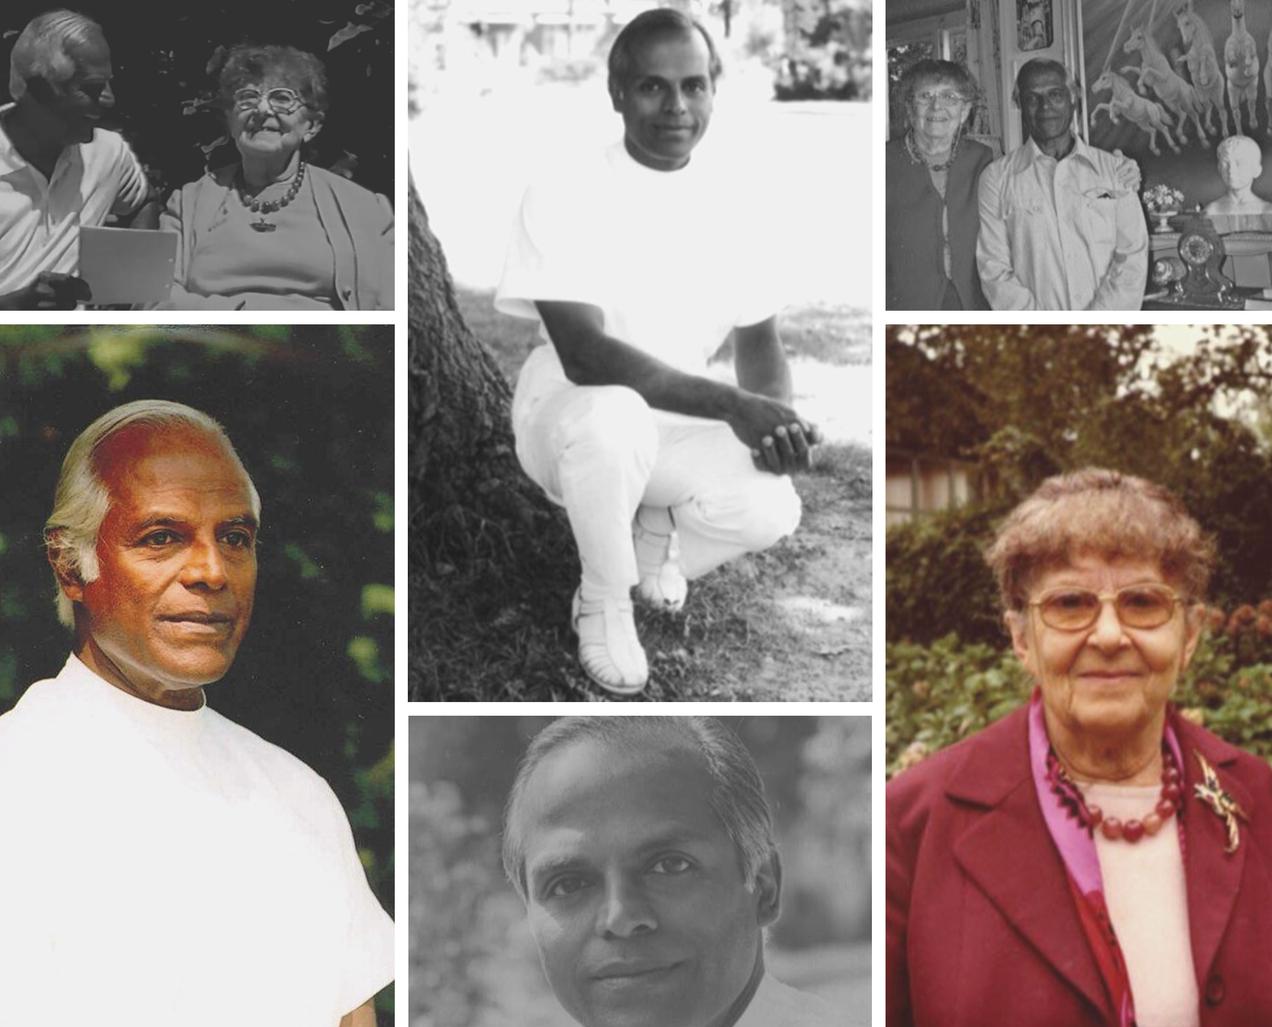 Von Elisabeth Haich und Selvarajan Yesudian gibt es nur sehr wenige Bilder. Umso mehr freuen wir uns, dass Susy einige Bilder für uns zusammenstellen konnte.